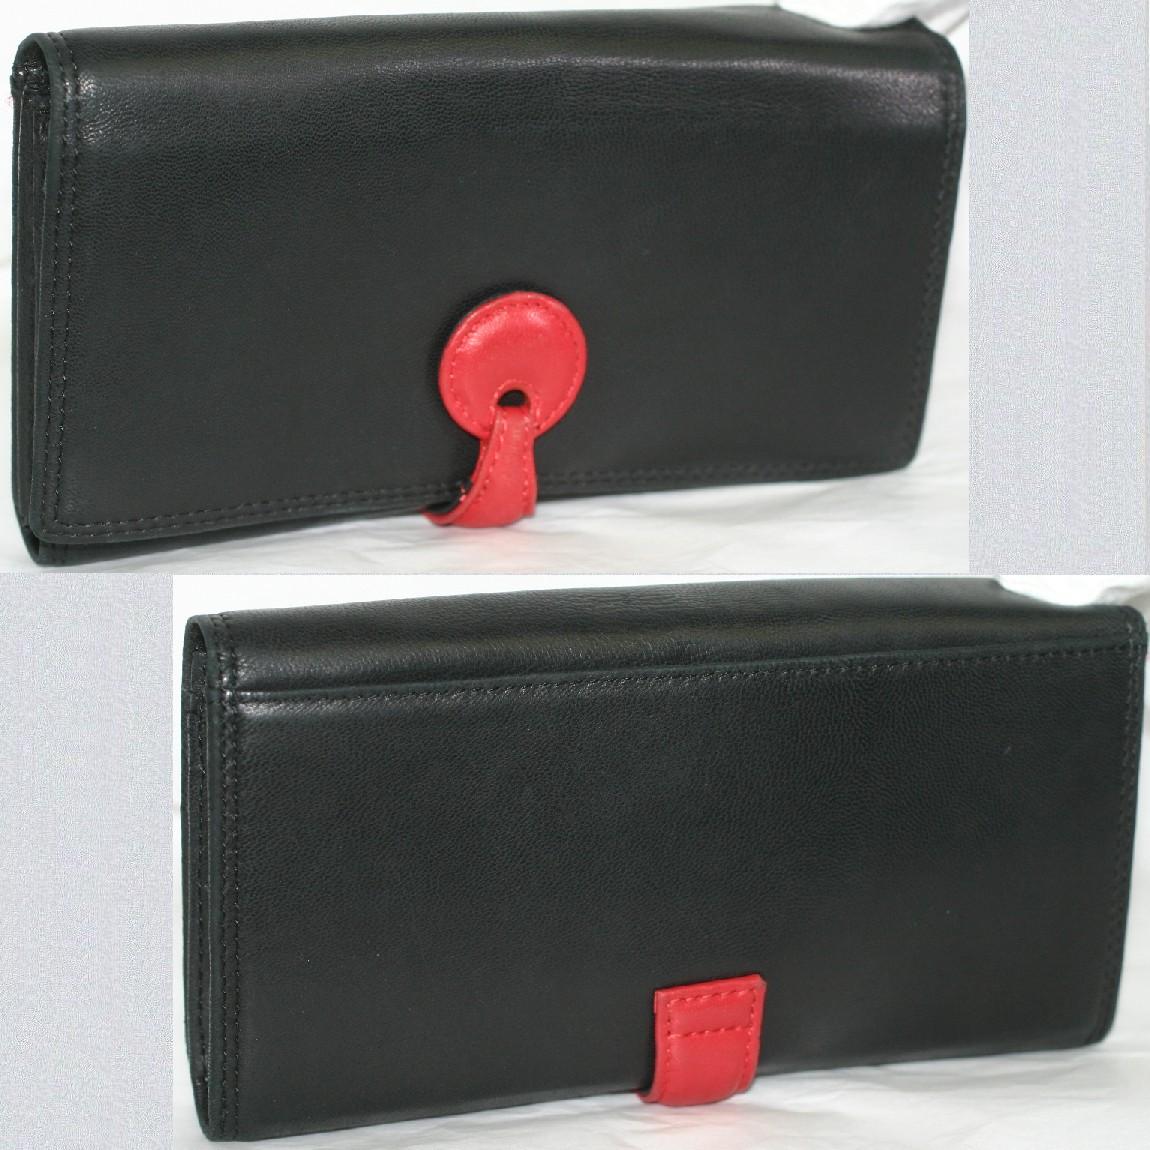 【中古】本物綺麗女性用黒いとても柔らかいナッパ素材19cmファスナー付き長財布カード用ポケット16個付き使いやすいです